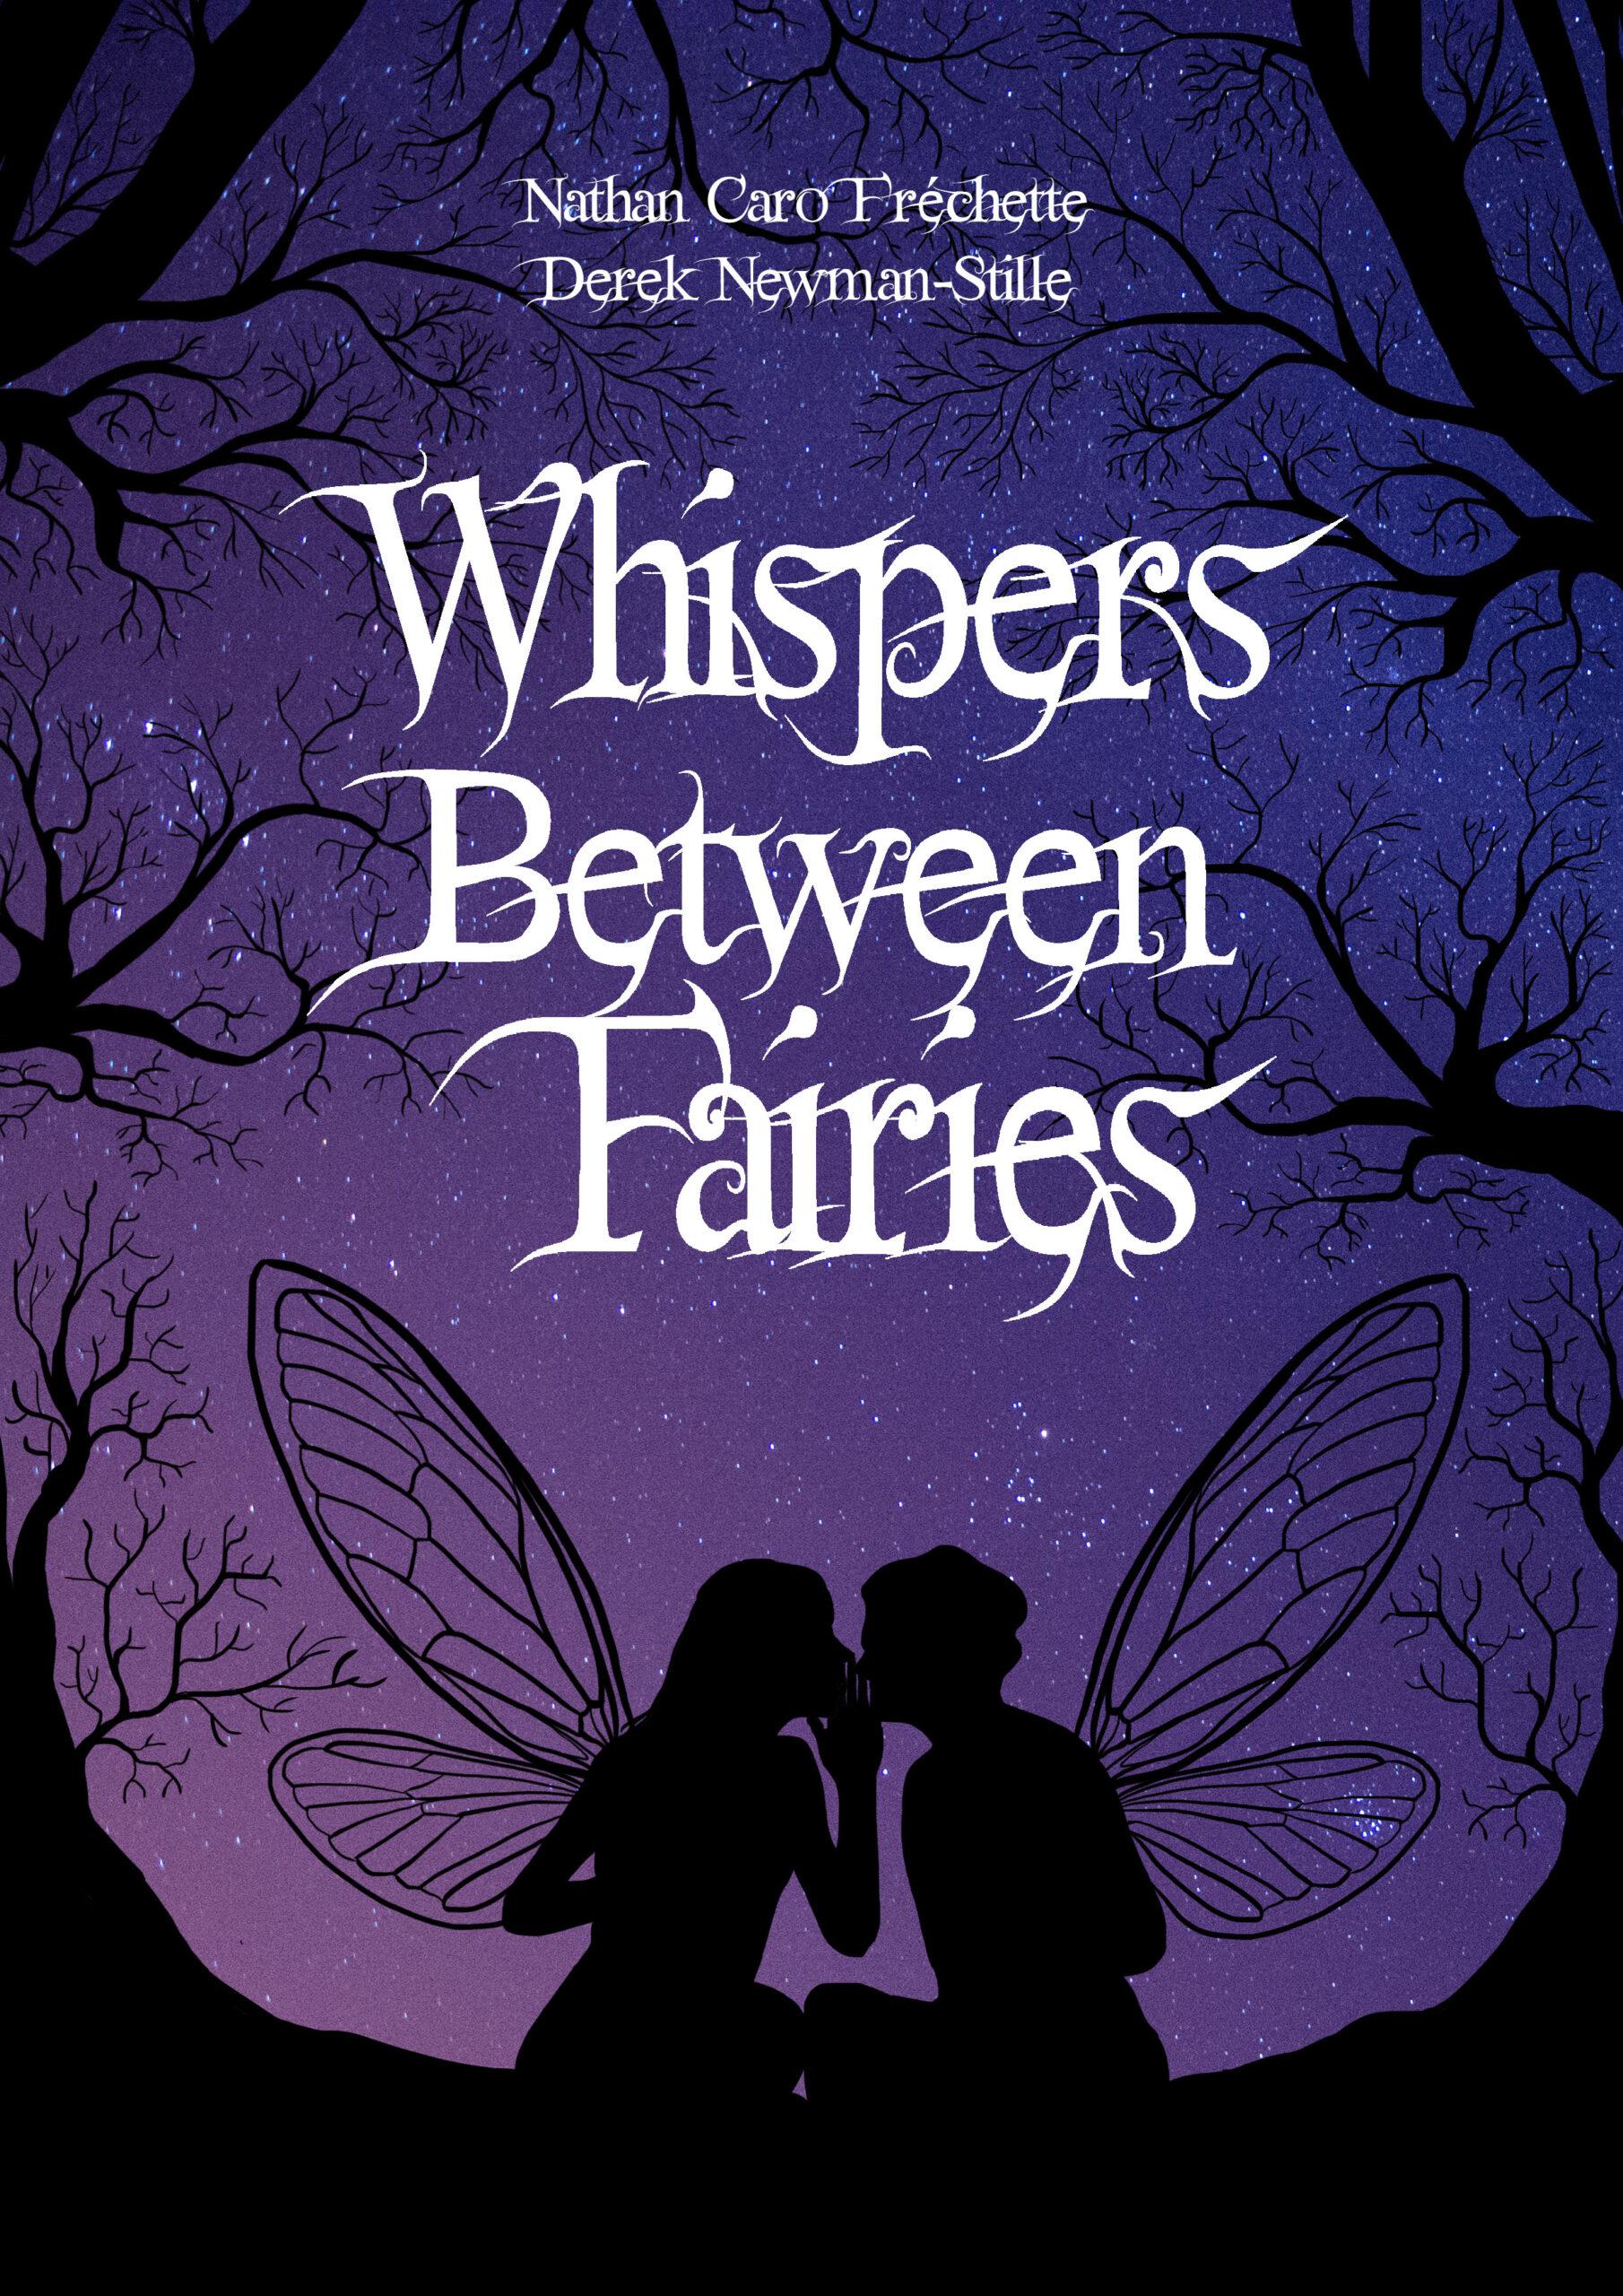 Whispers Between Fairies